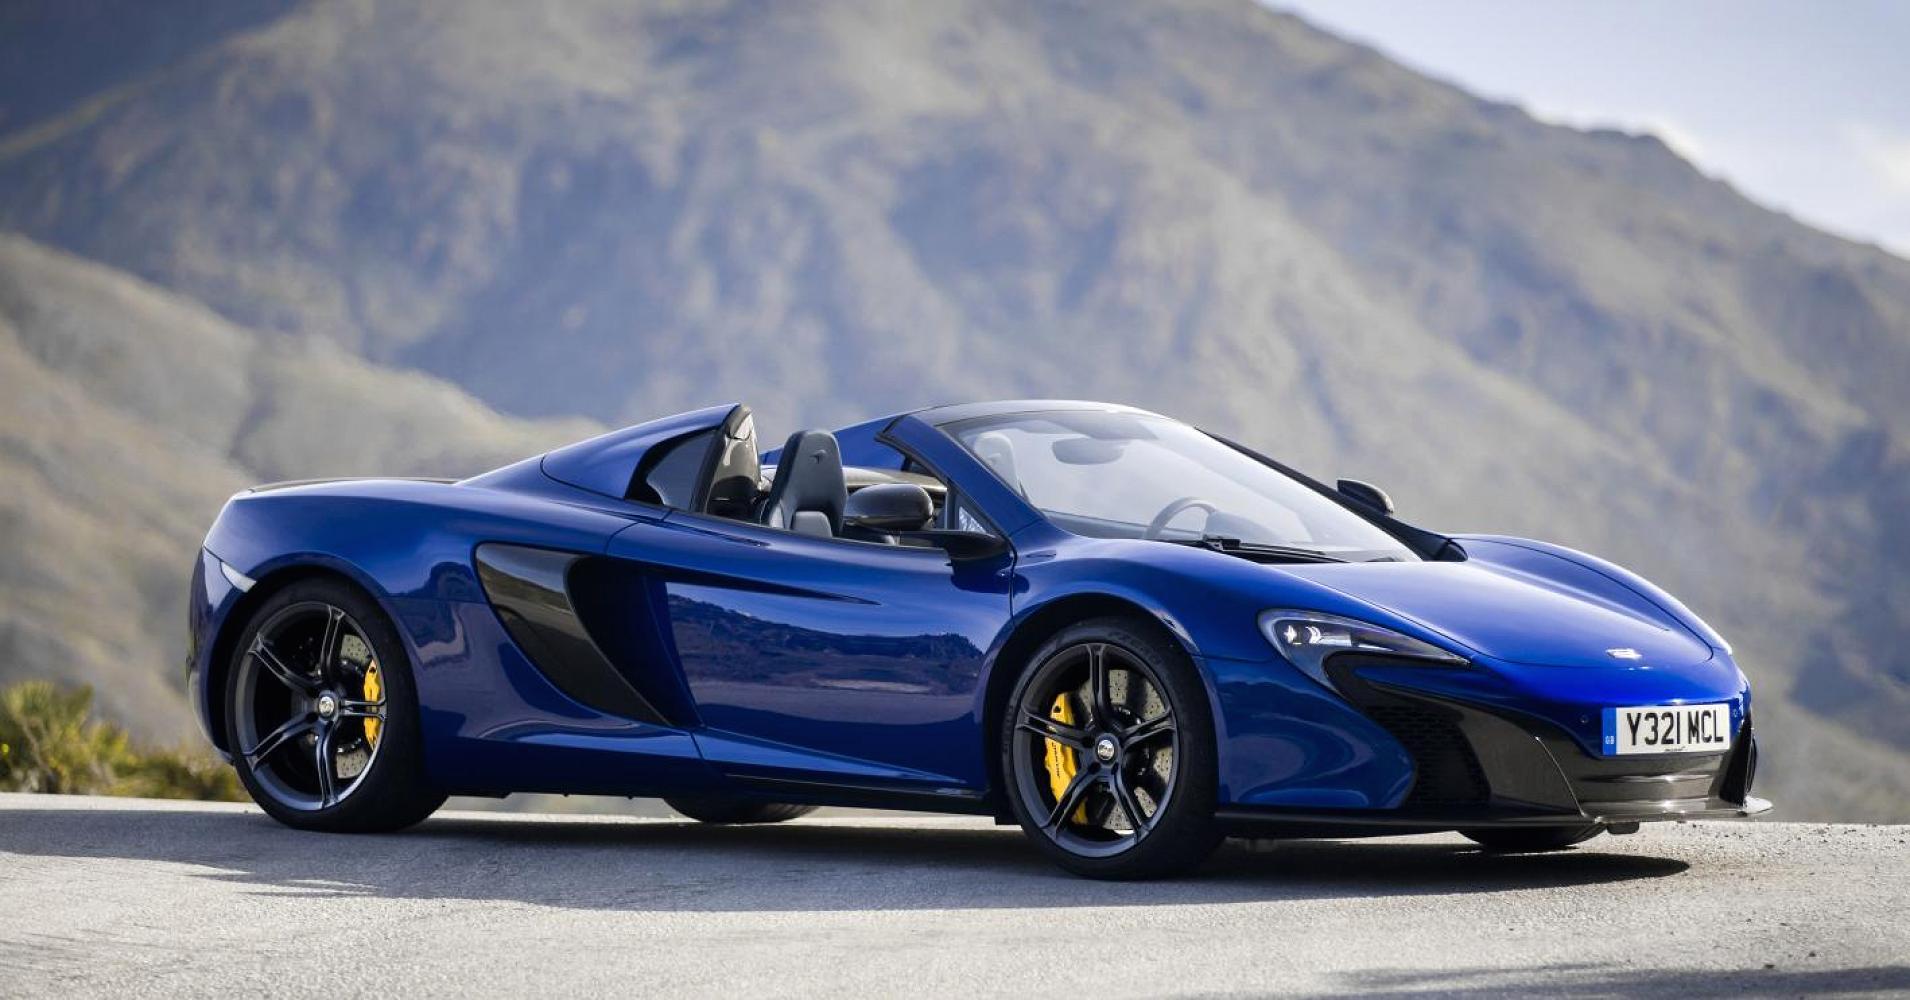 Volar bajo a cielo abierto es una de las muchas virtudes que ofrece el McLaren 570 S Spider, además de su carácter deportivo y la tecnología de Woking británica.